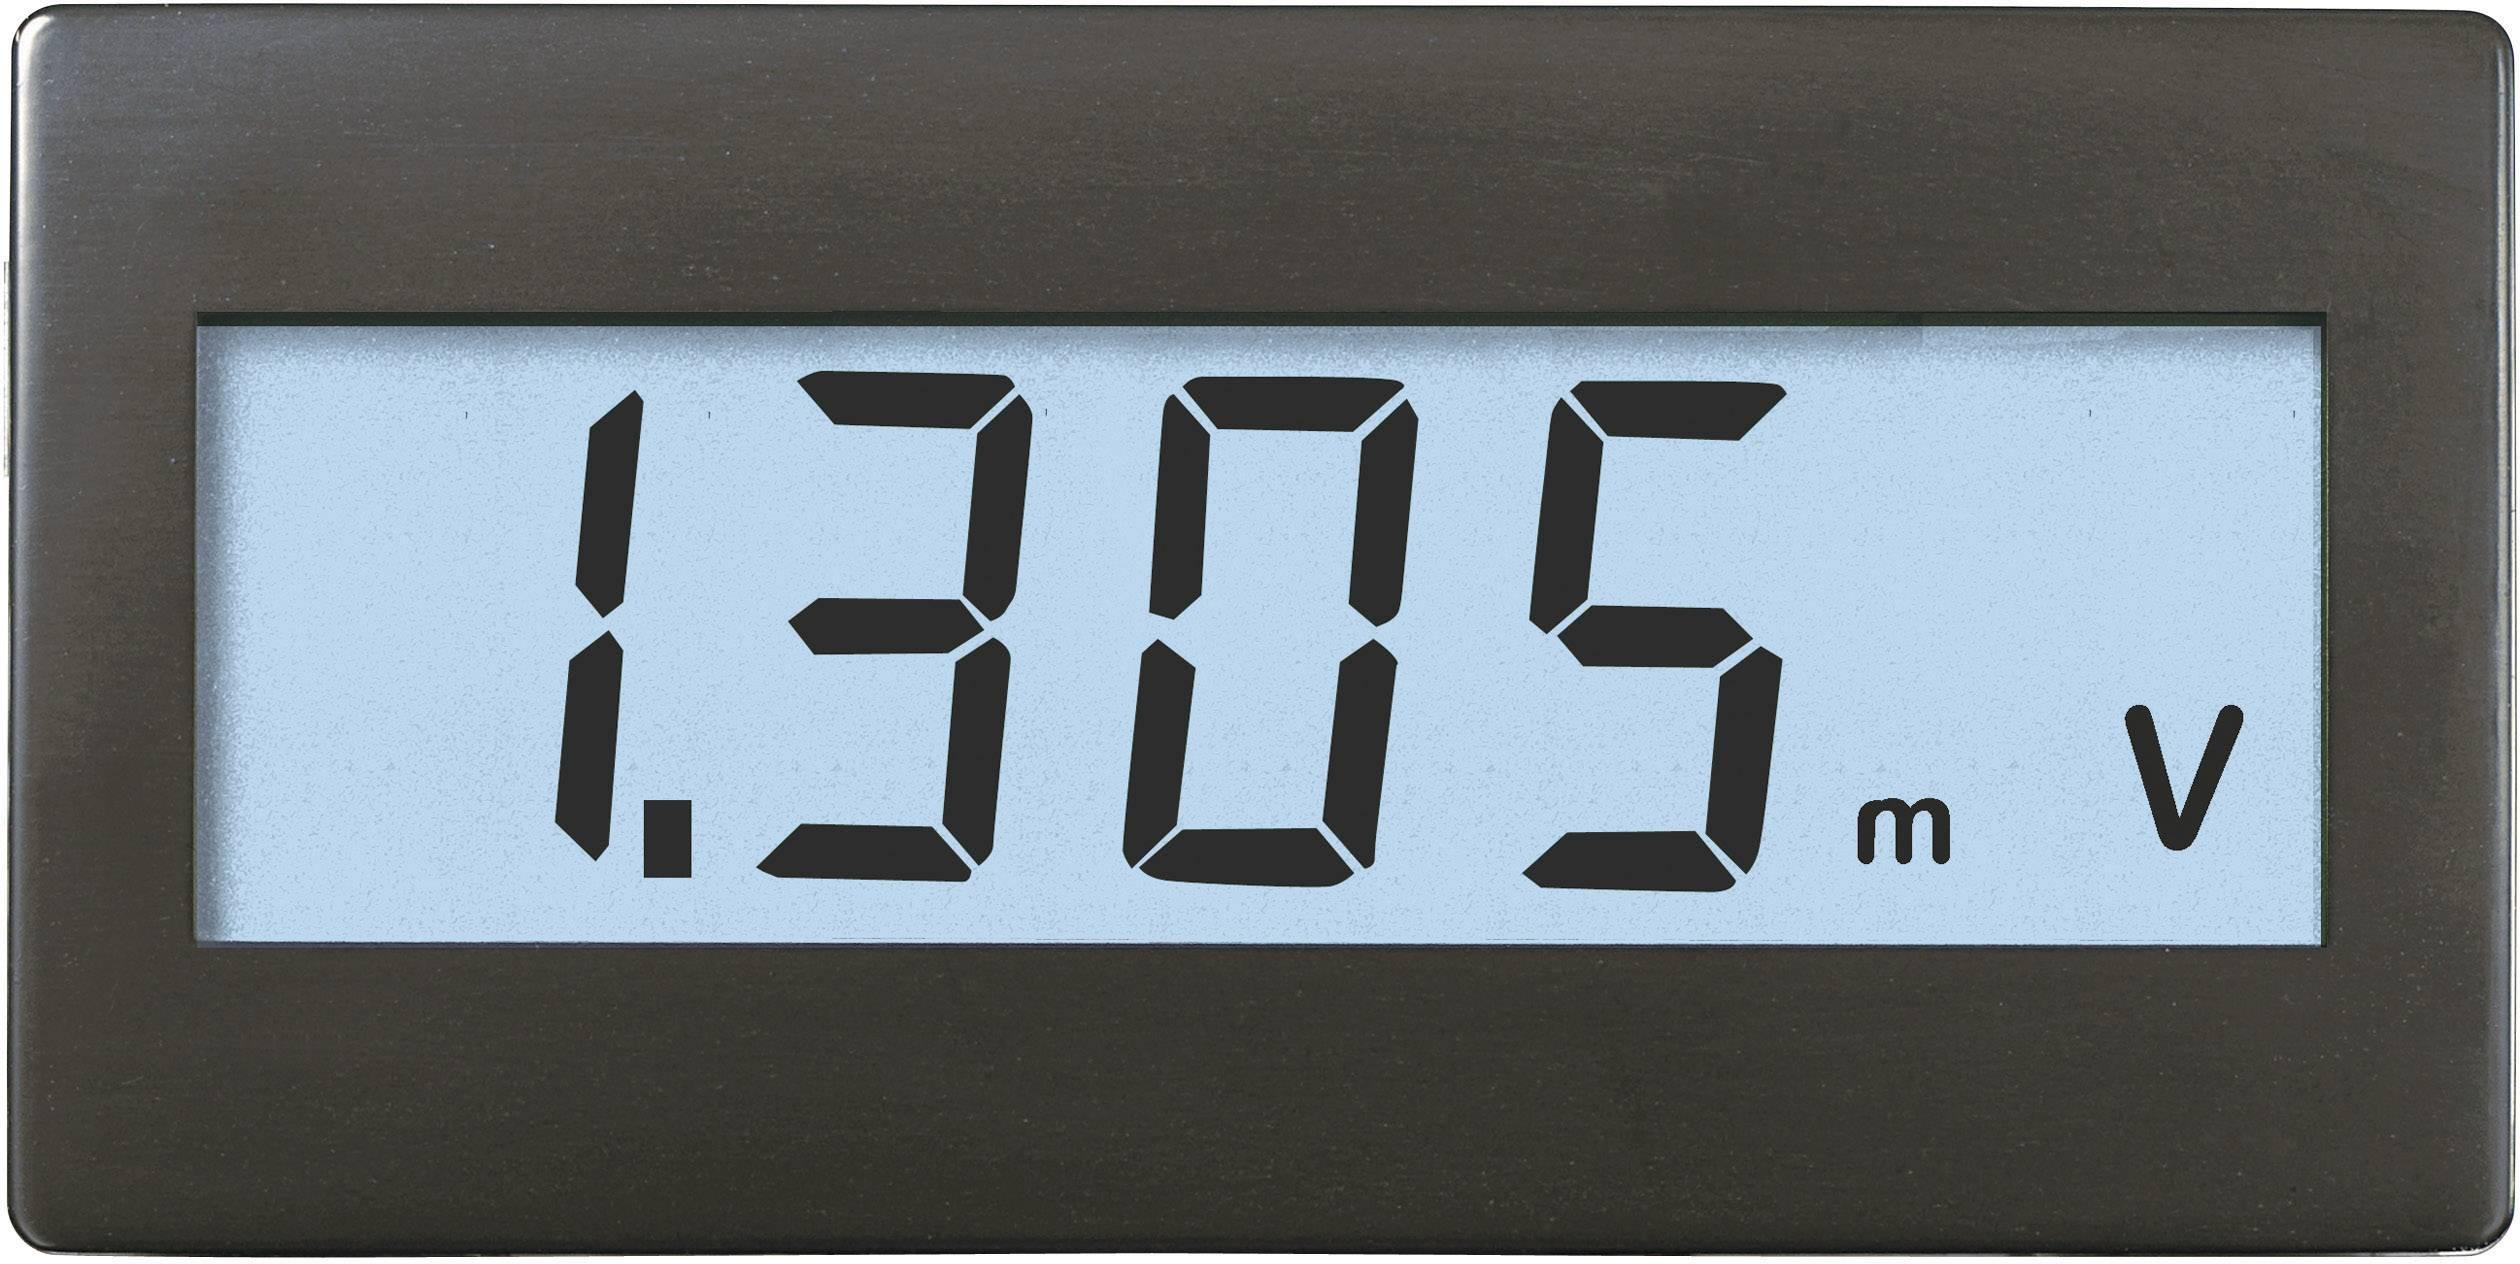 Panelové měřidlo Voltcraft DVM-230W, 45 x 22 mm, ±199,9 mV